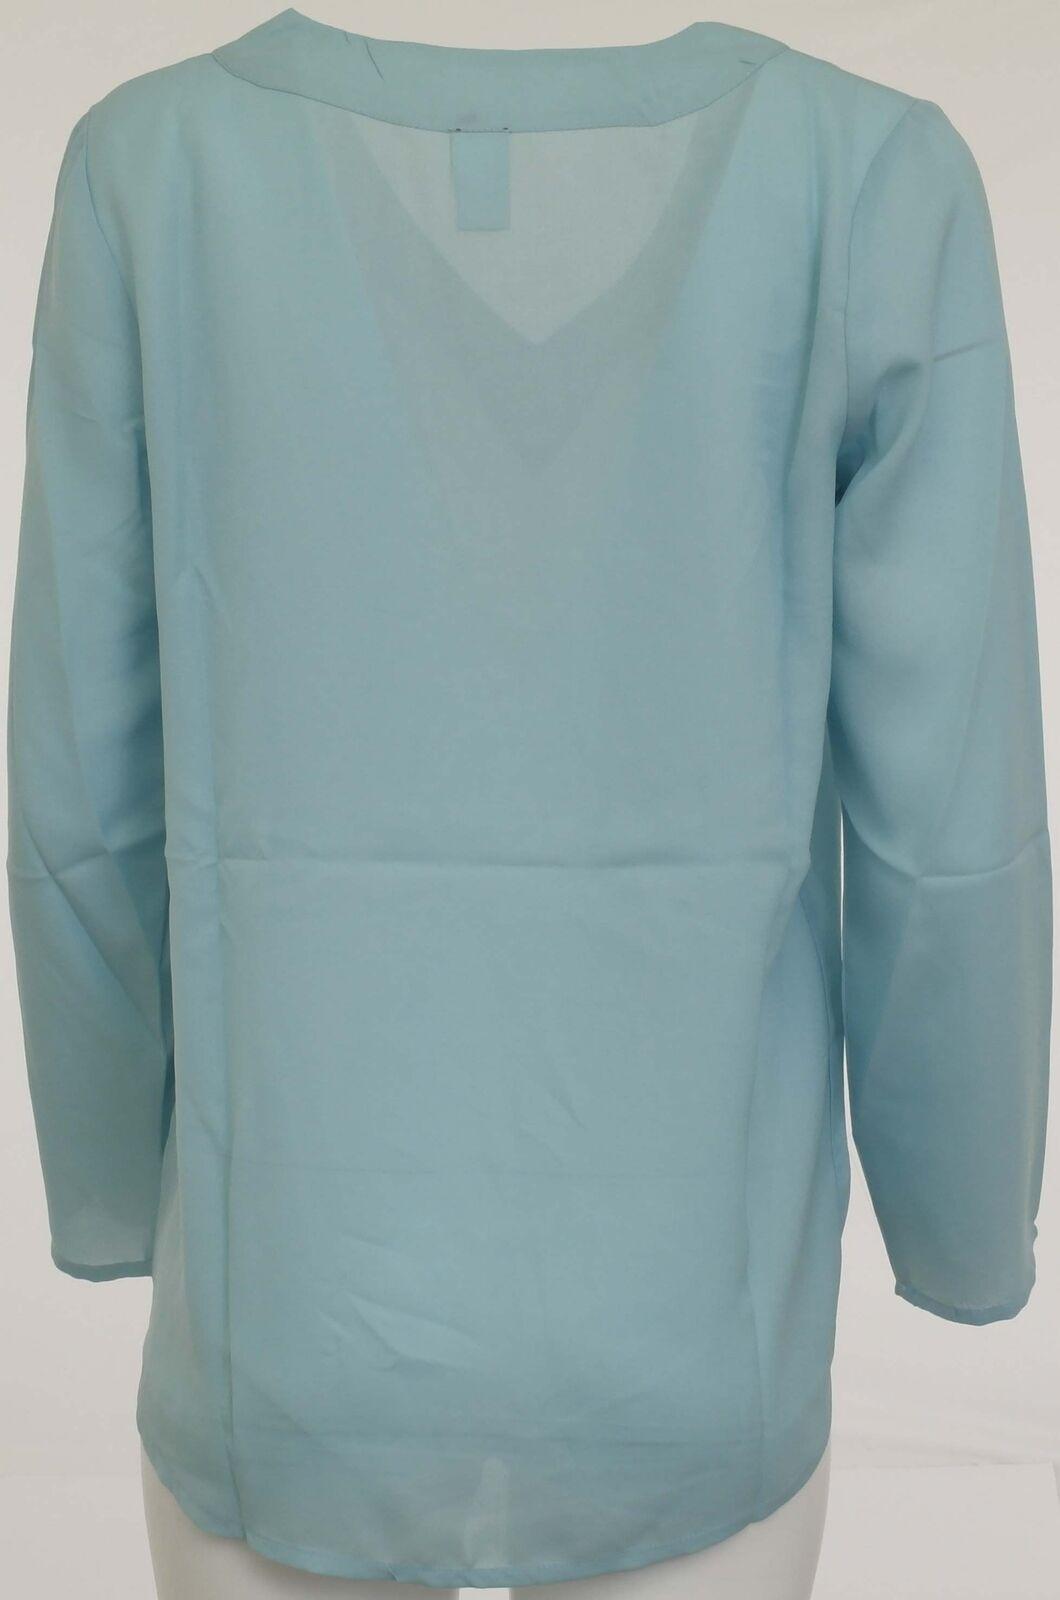 super popular a7825 0fee6 B.C. Damen Schlupfbluse Bluse Shirt langarm Tunika blau Gr. 38 130841